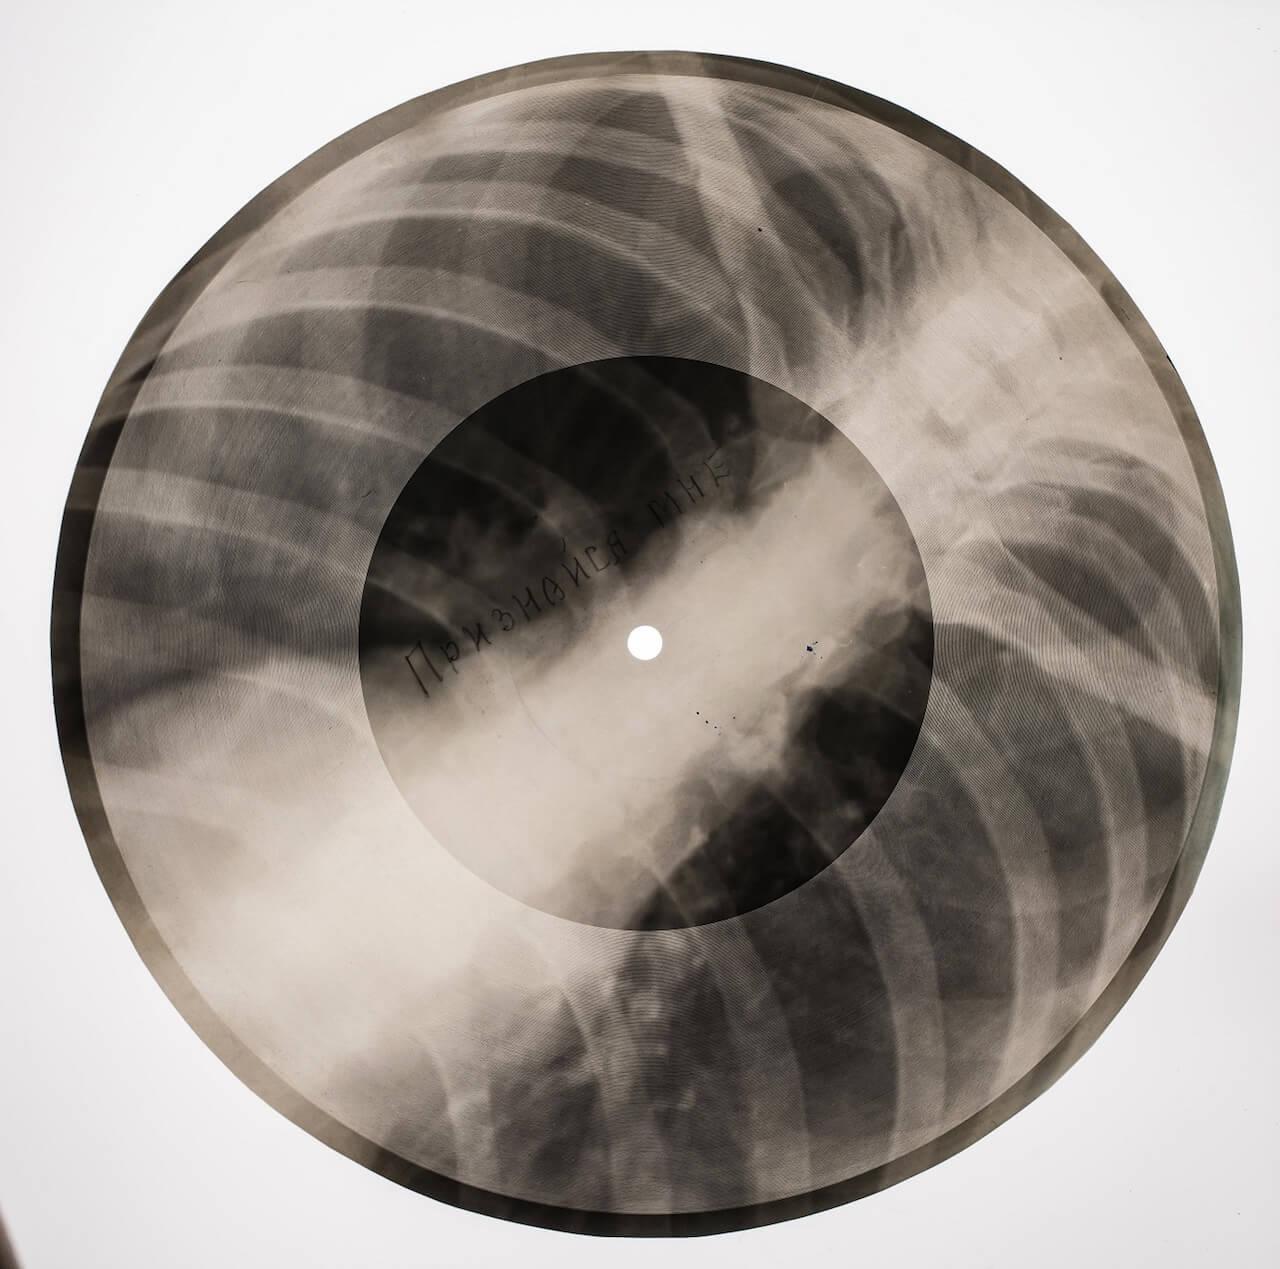 もし自分の好きな音楽が聴けなくなったら?BONE MUSIC展が発信するロマンティックなストーリー interview190422-bone-music-6